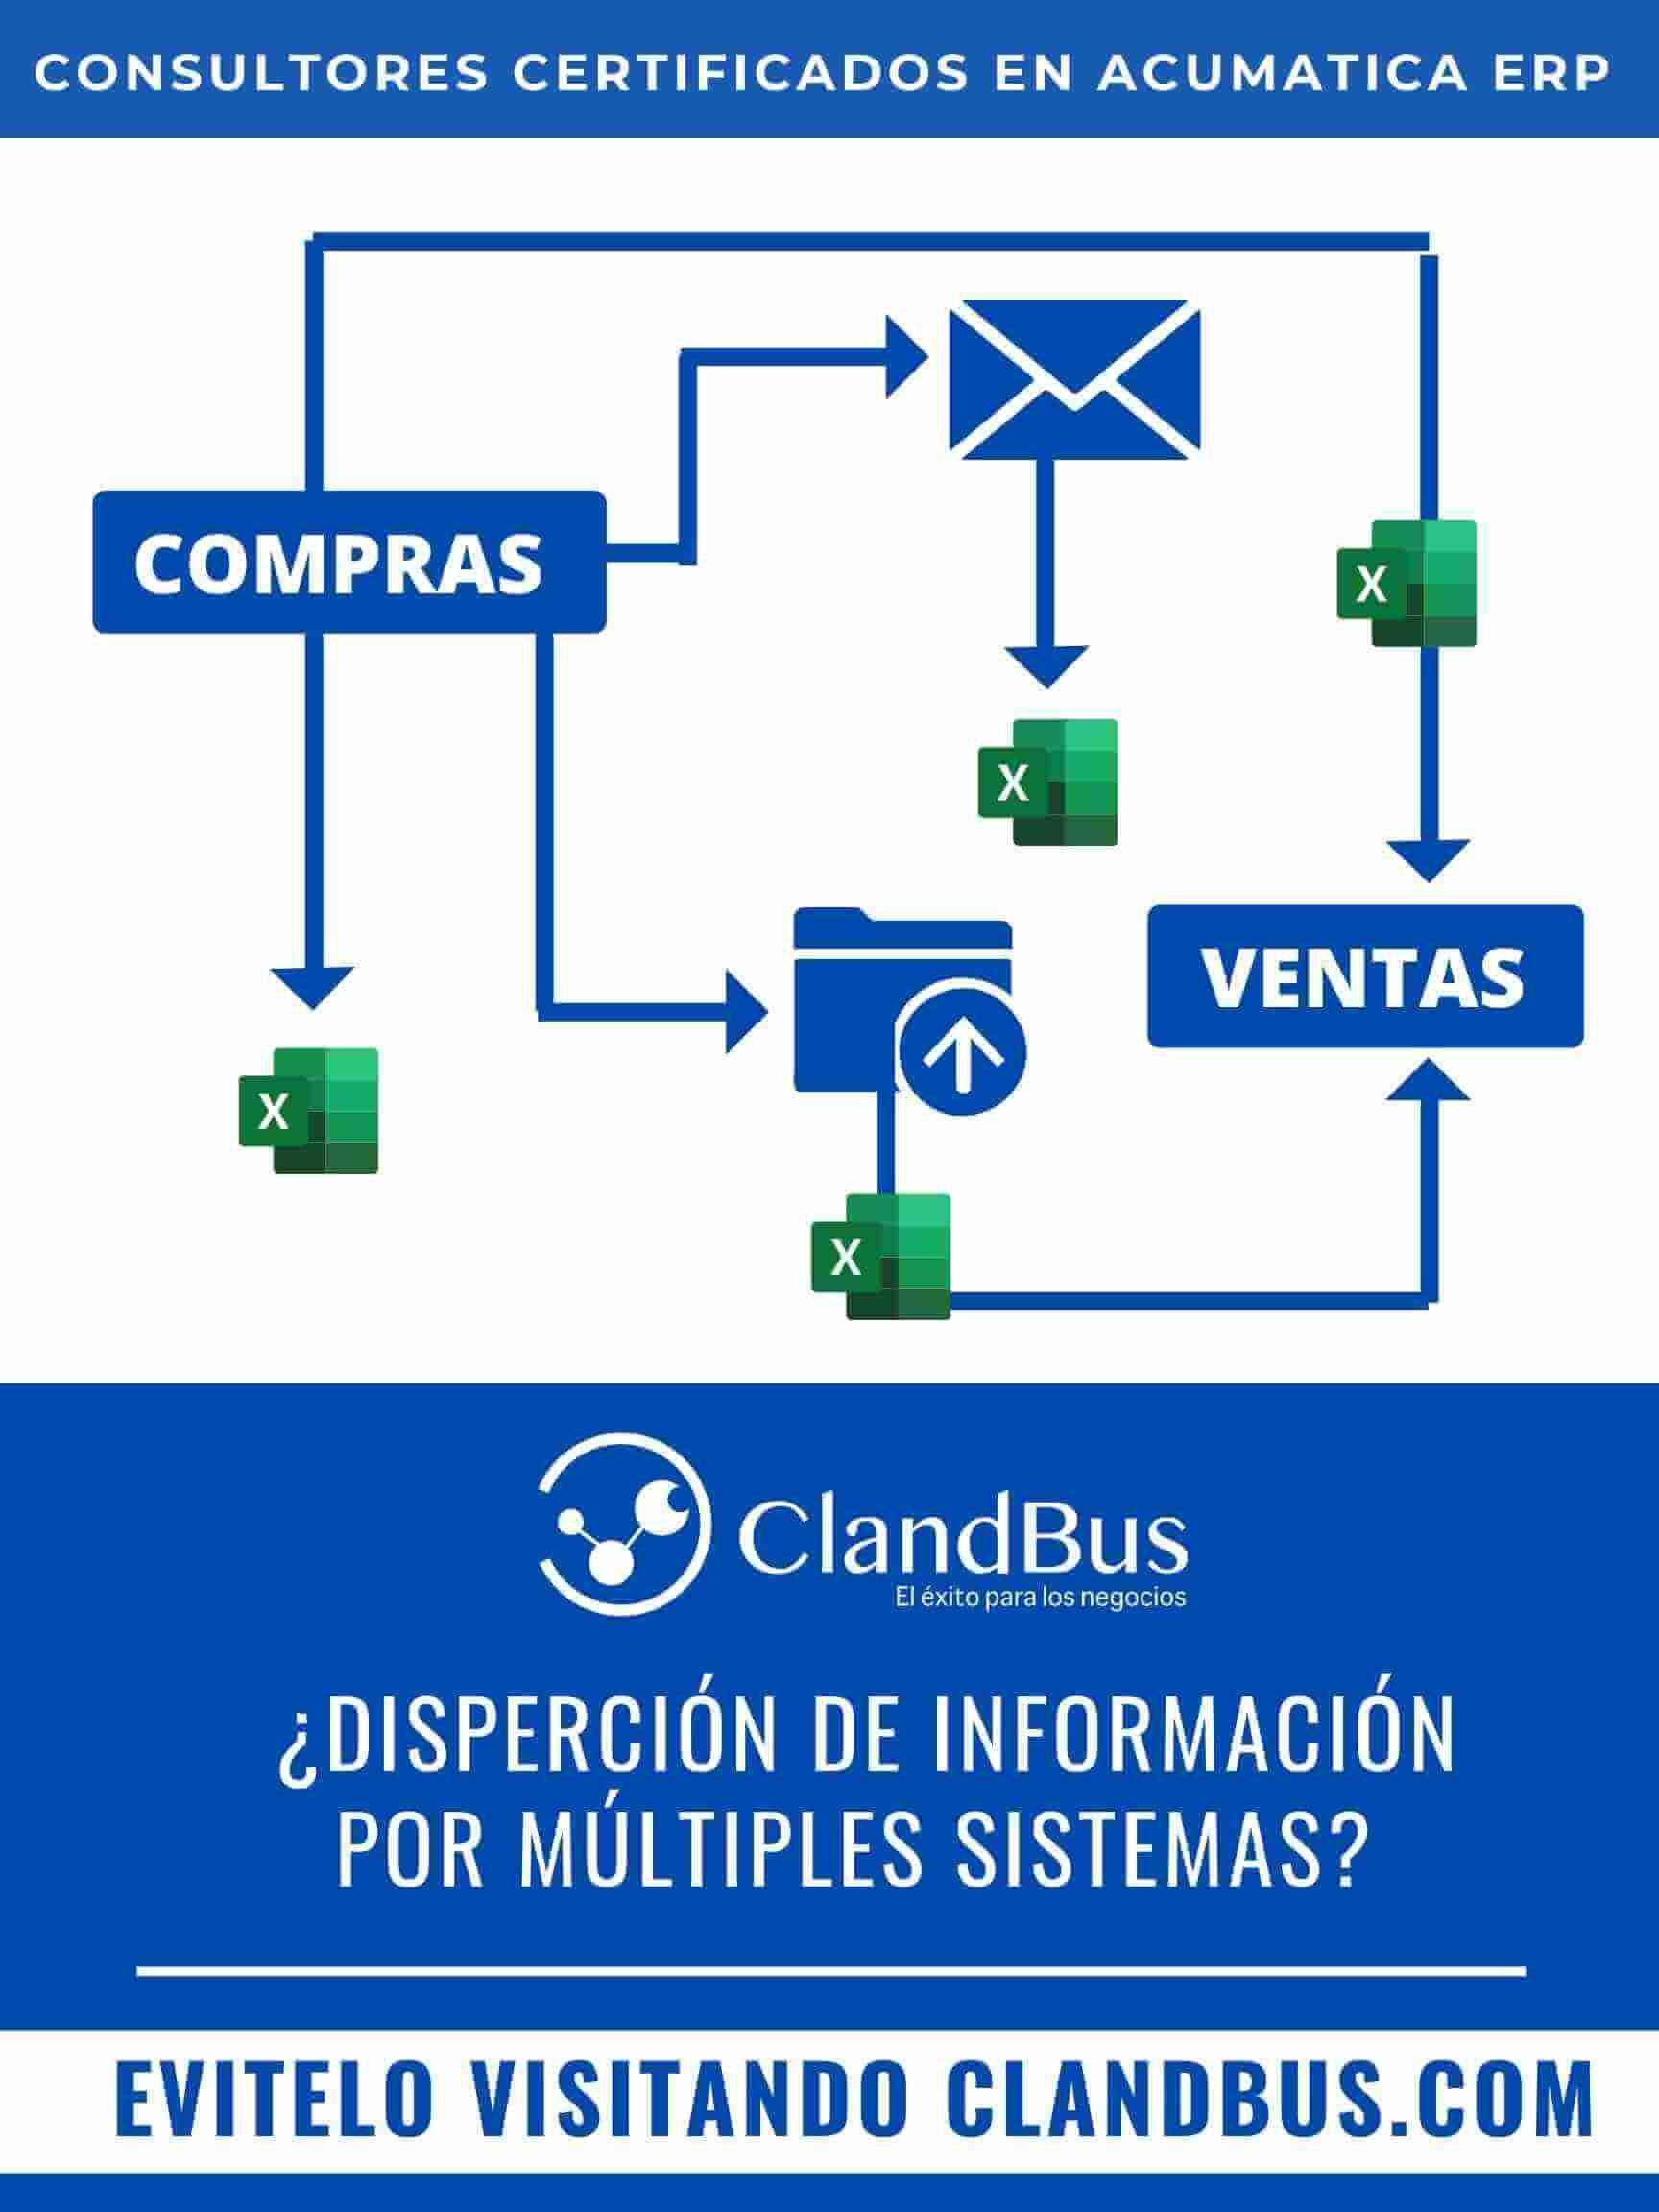 Conectar sistemas externos con Acumatica- Evite la fuga de información y tome las mejores decisiones con la impelmentación de Acumatica conectando todas sus áreas en una sola a cargo de Consultores ClandBus